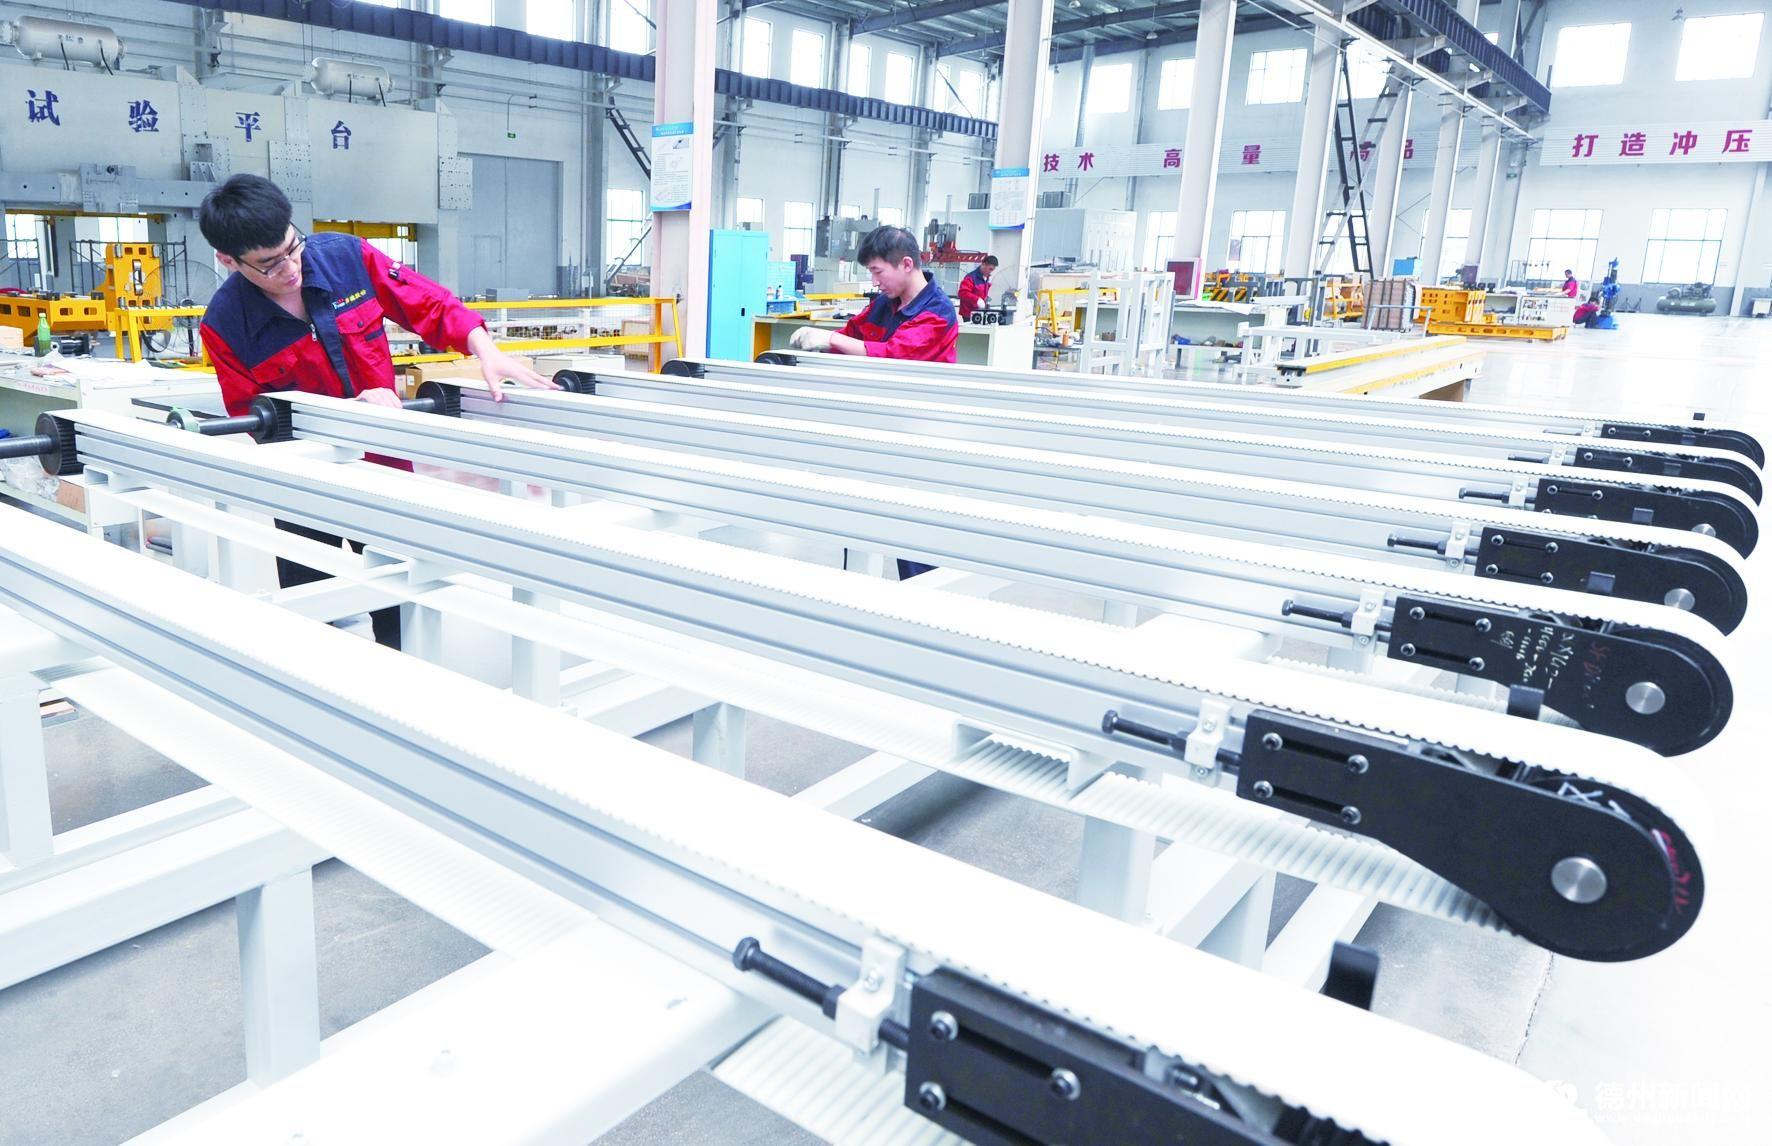 山东出台加快县域创新驱动发展实施意见 推动产业转型升级